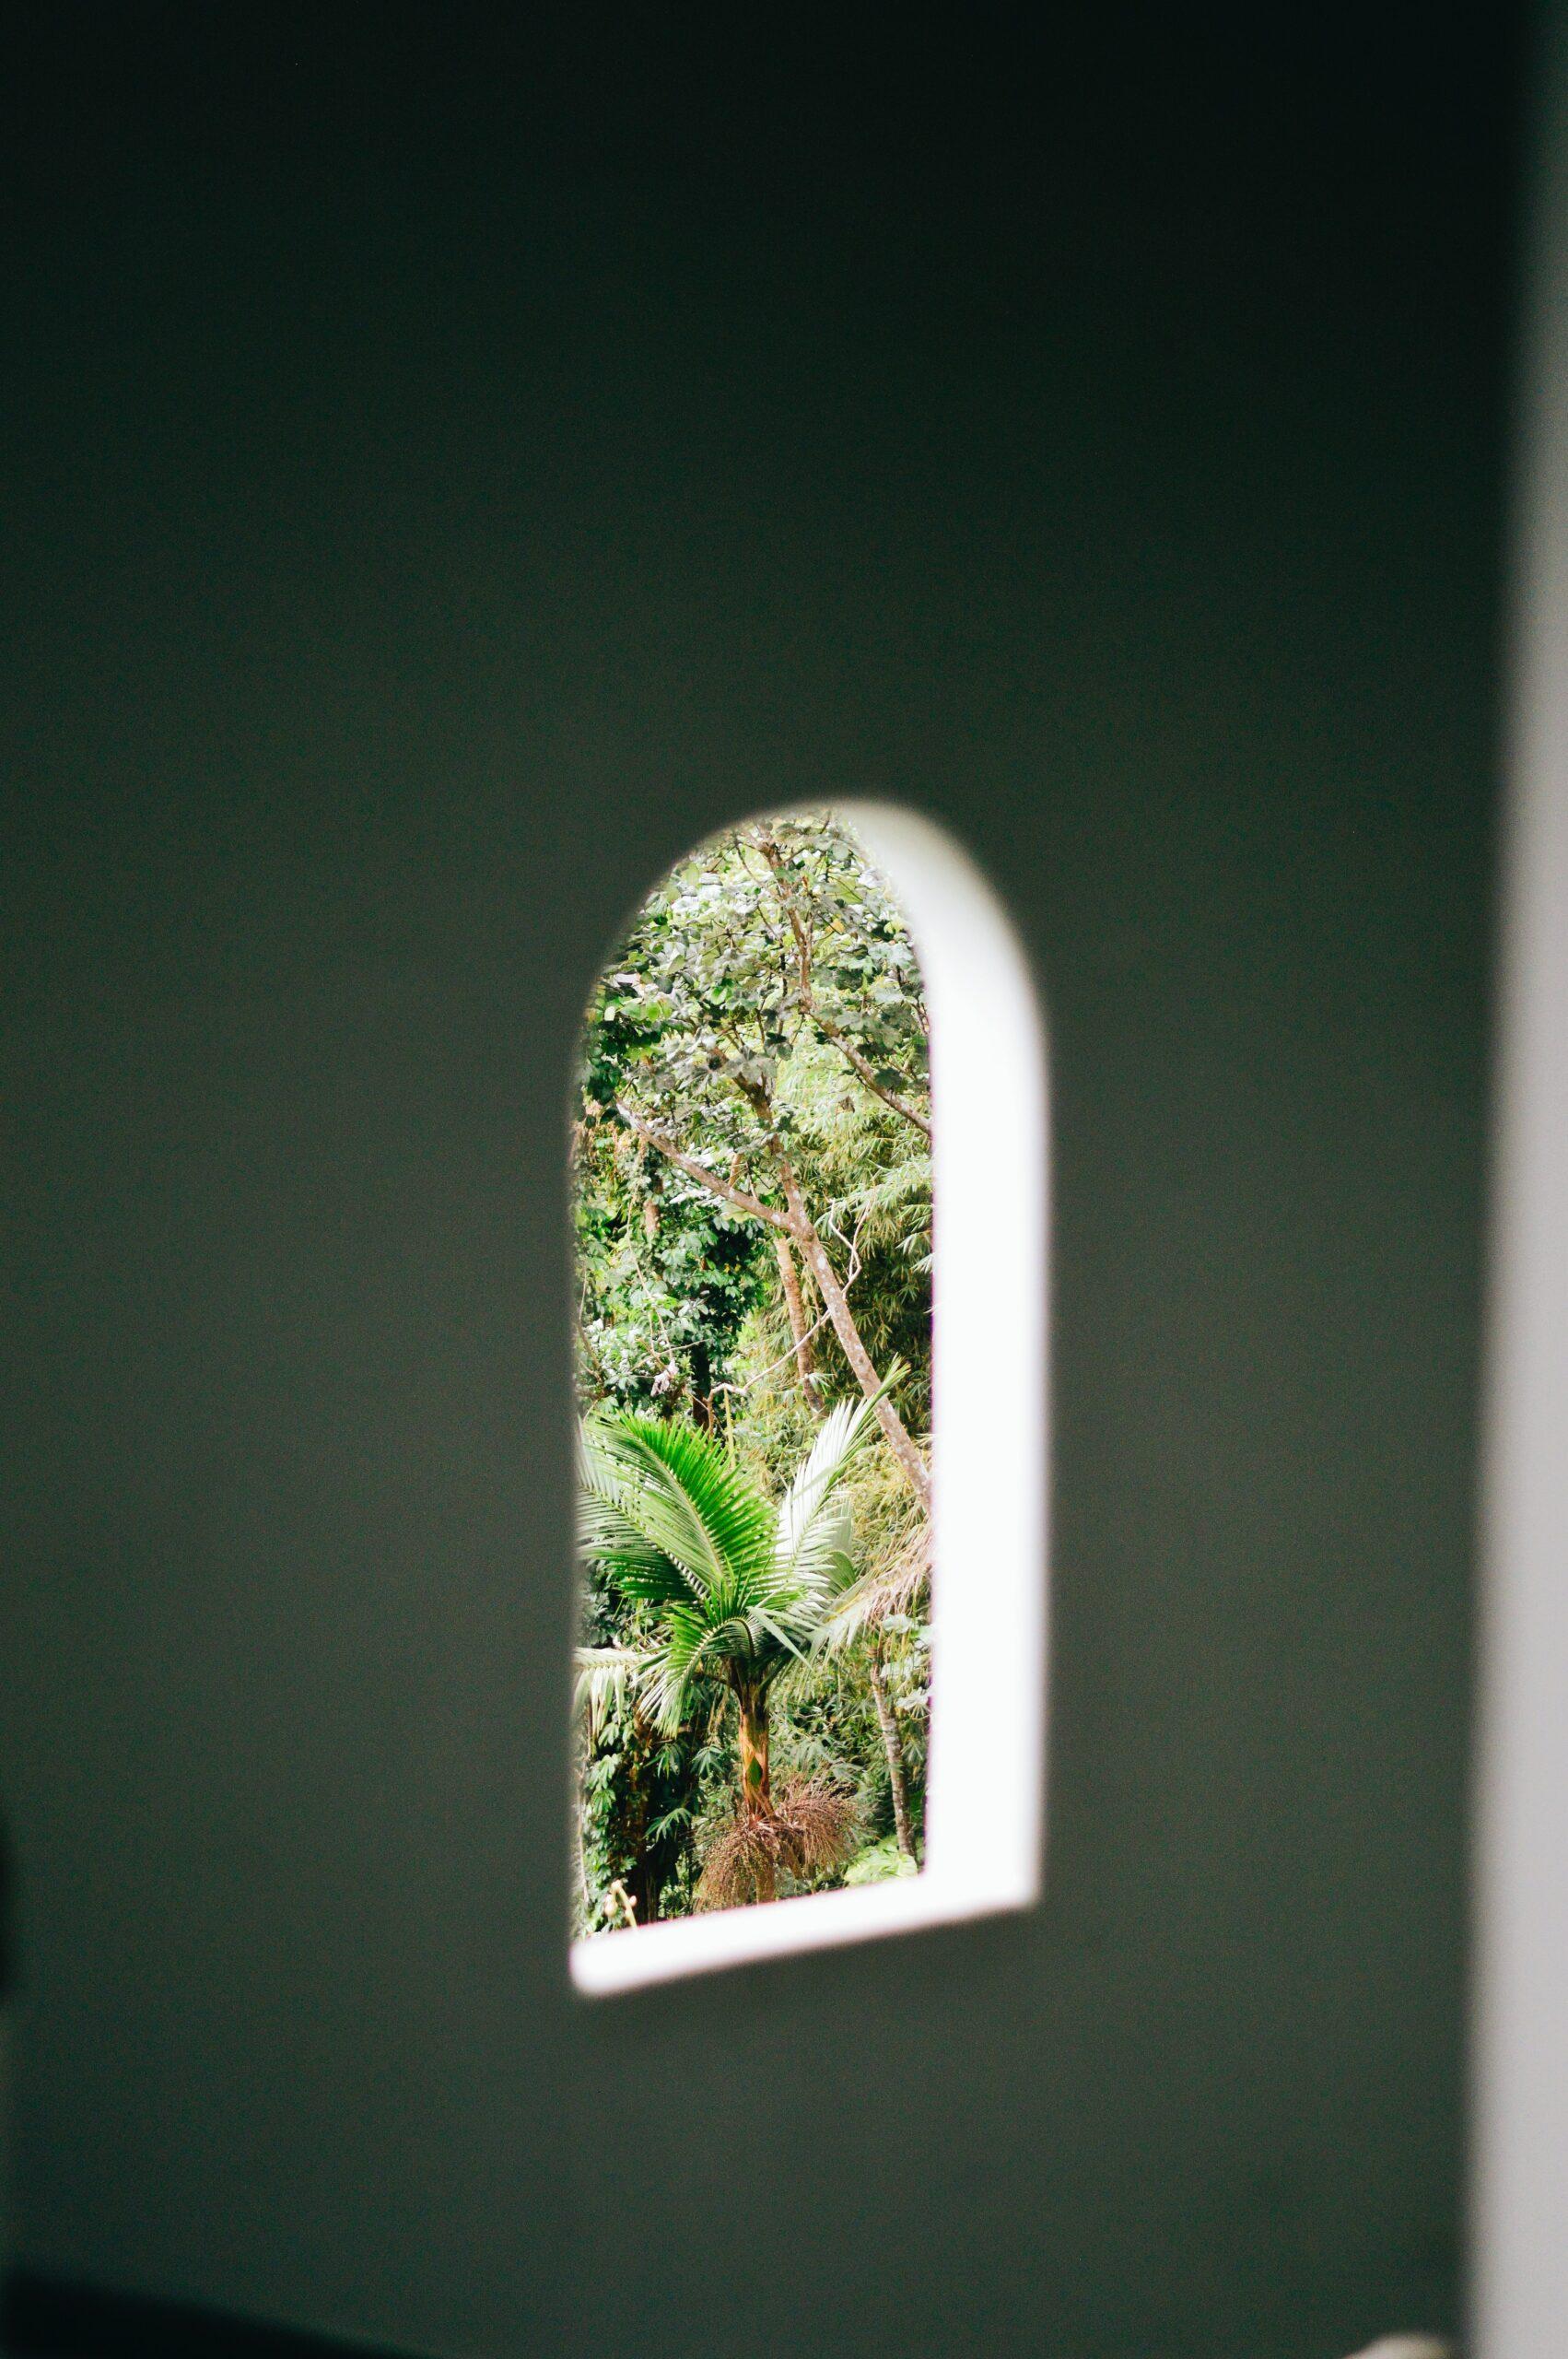 El Yunque through a window.